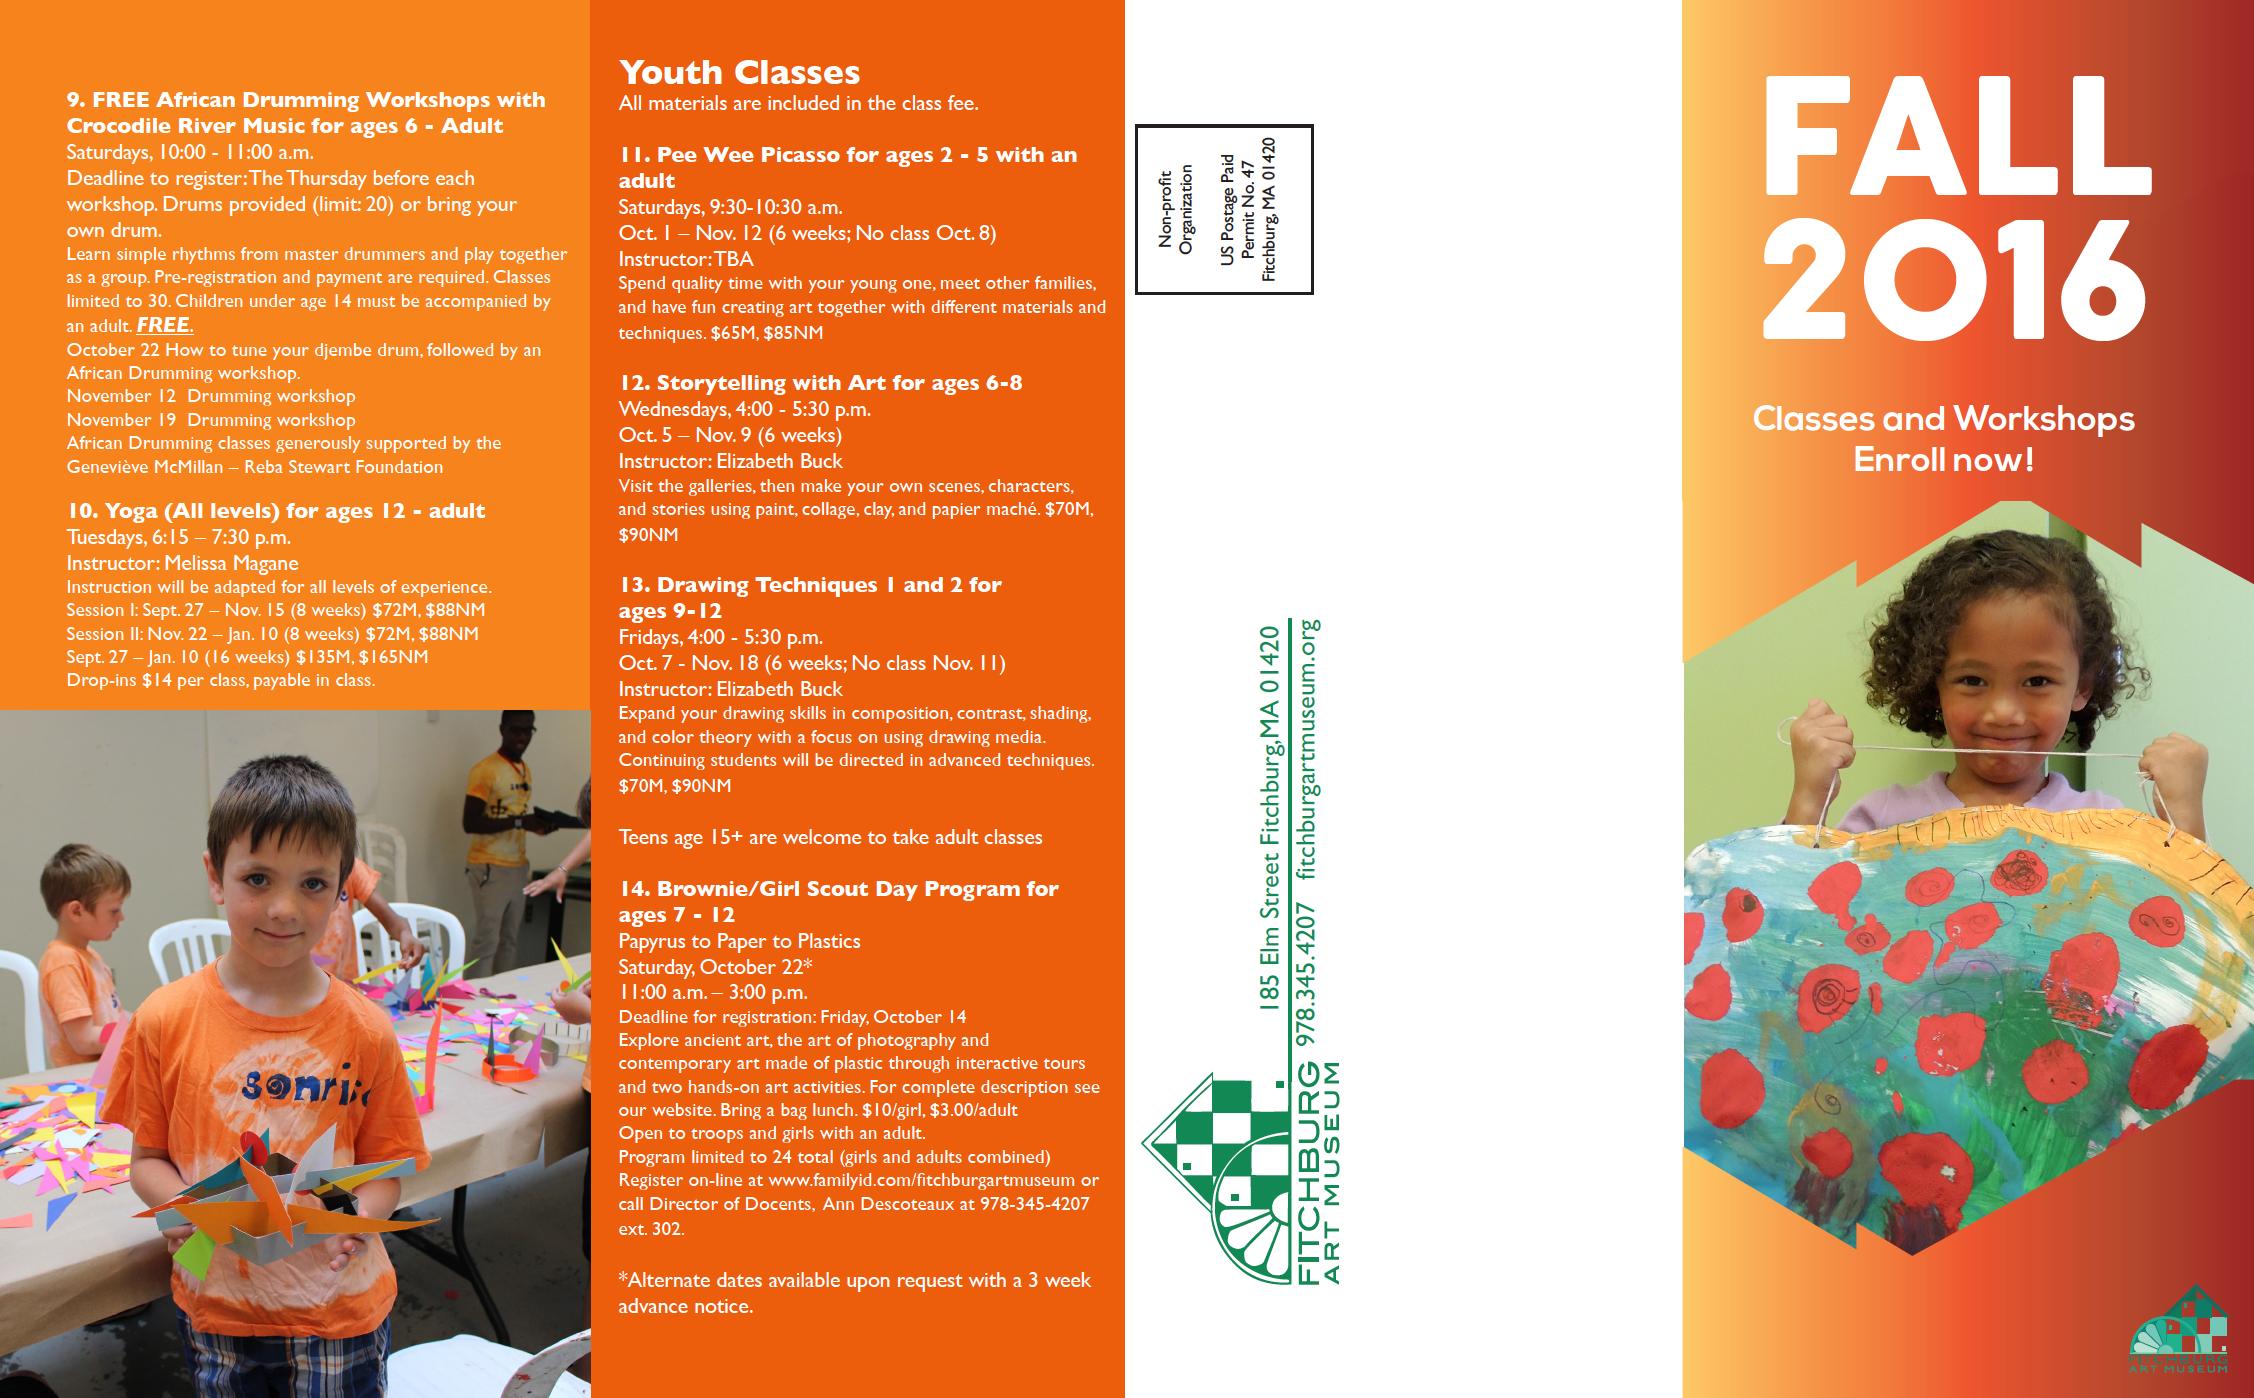 FAM fall classes brochure 2016